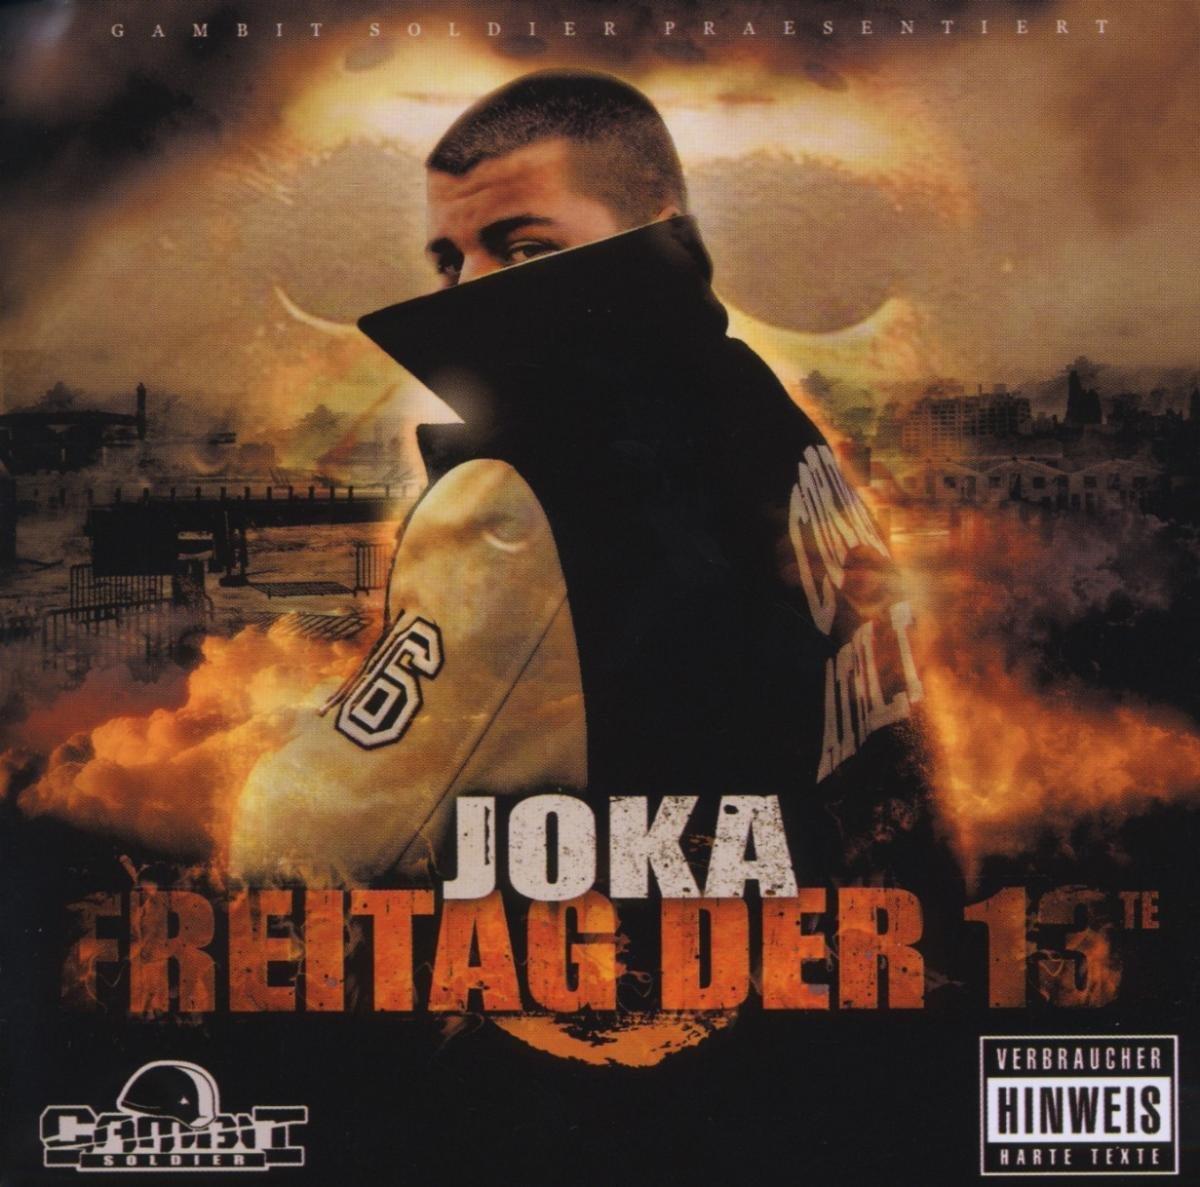 Freitag der 13te - Deutsche Rapper